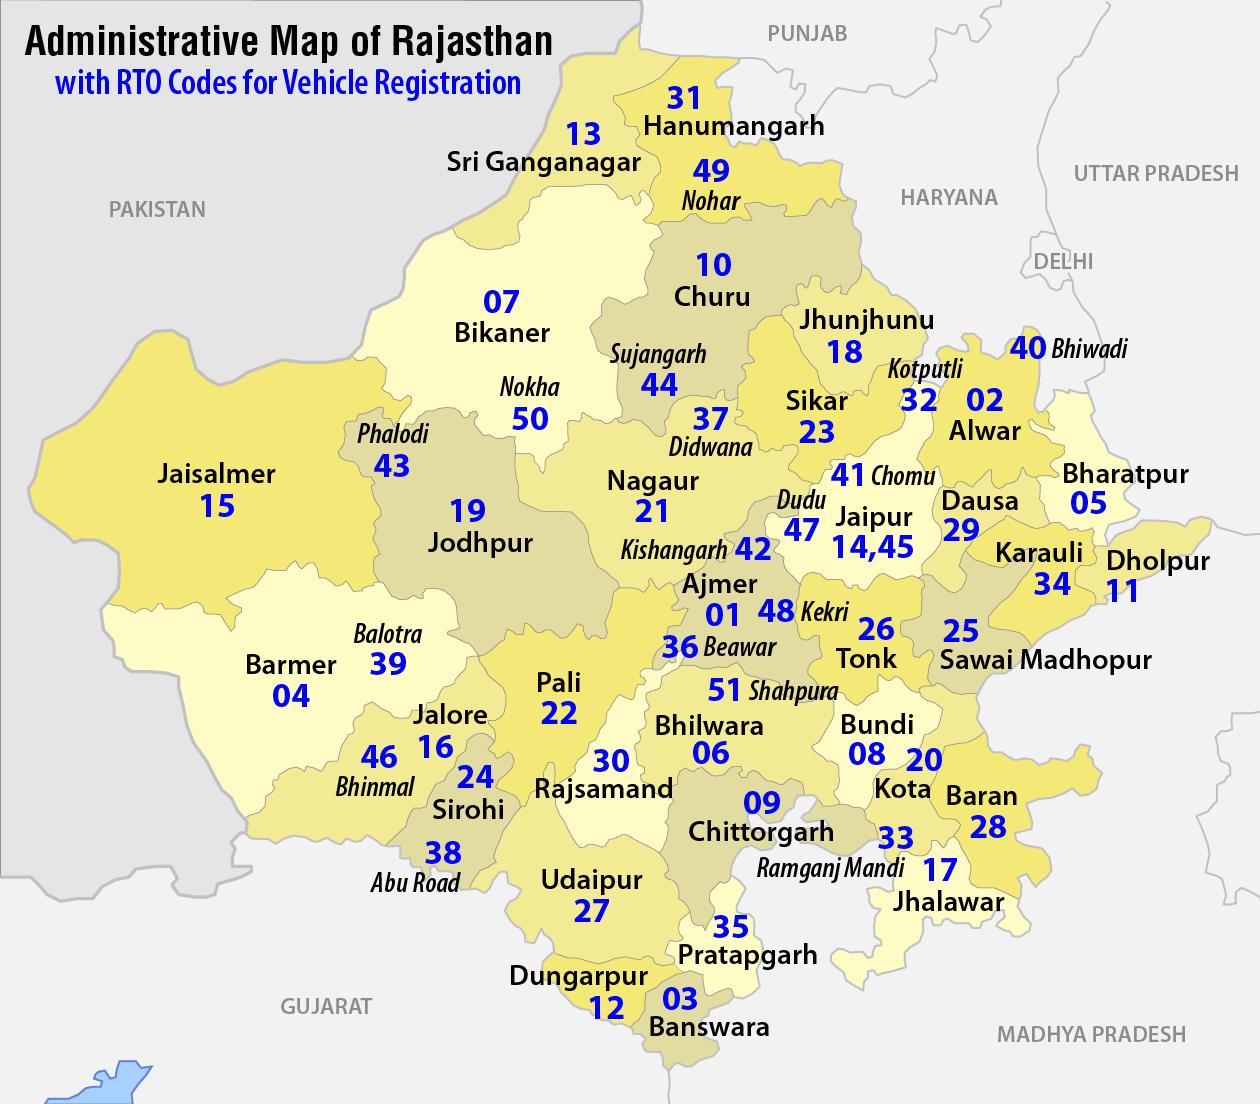 Rajasthan gk in hindi 2020 – राजस्थान सामान्य ज्ञान  प्रश्न उत्तर